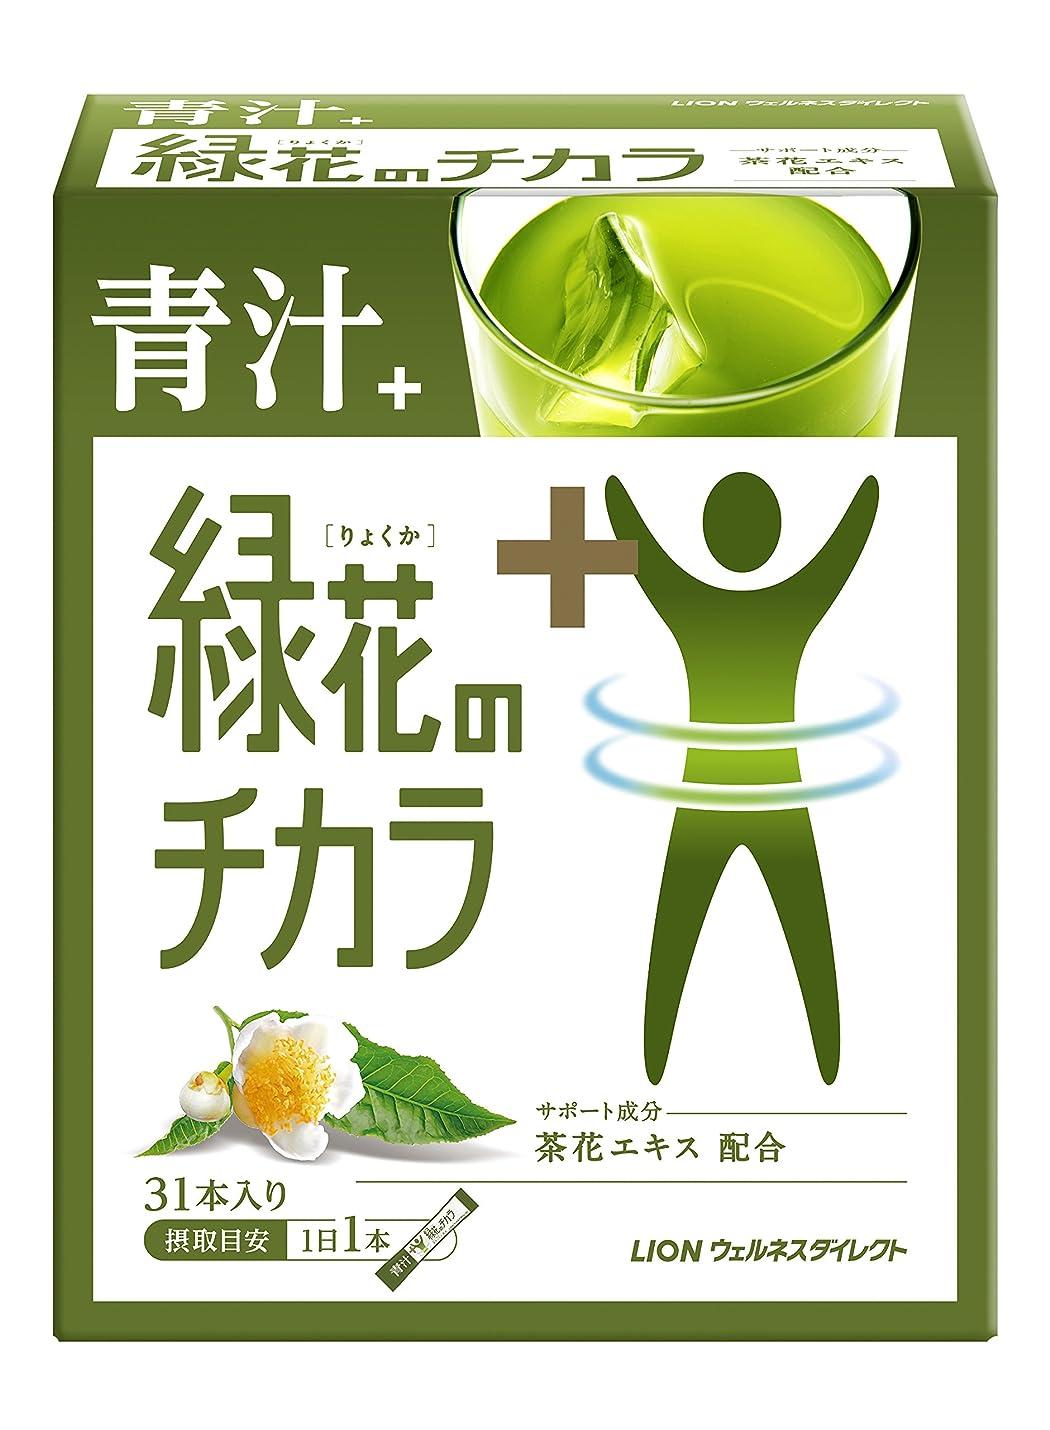 満足土器電信ライオン 青汁+ 緑花のチカラ 31本入(約31日分)